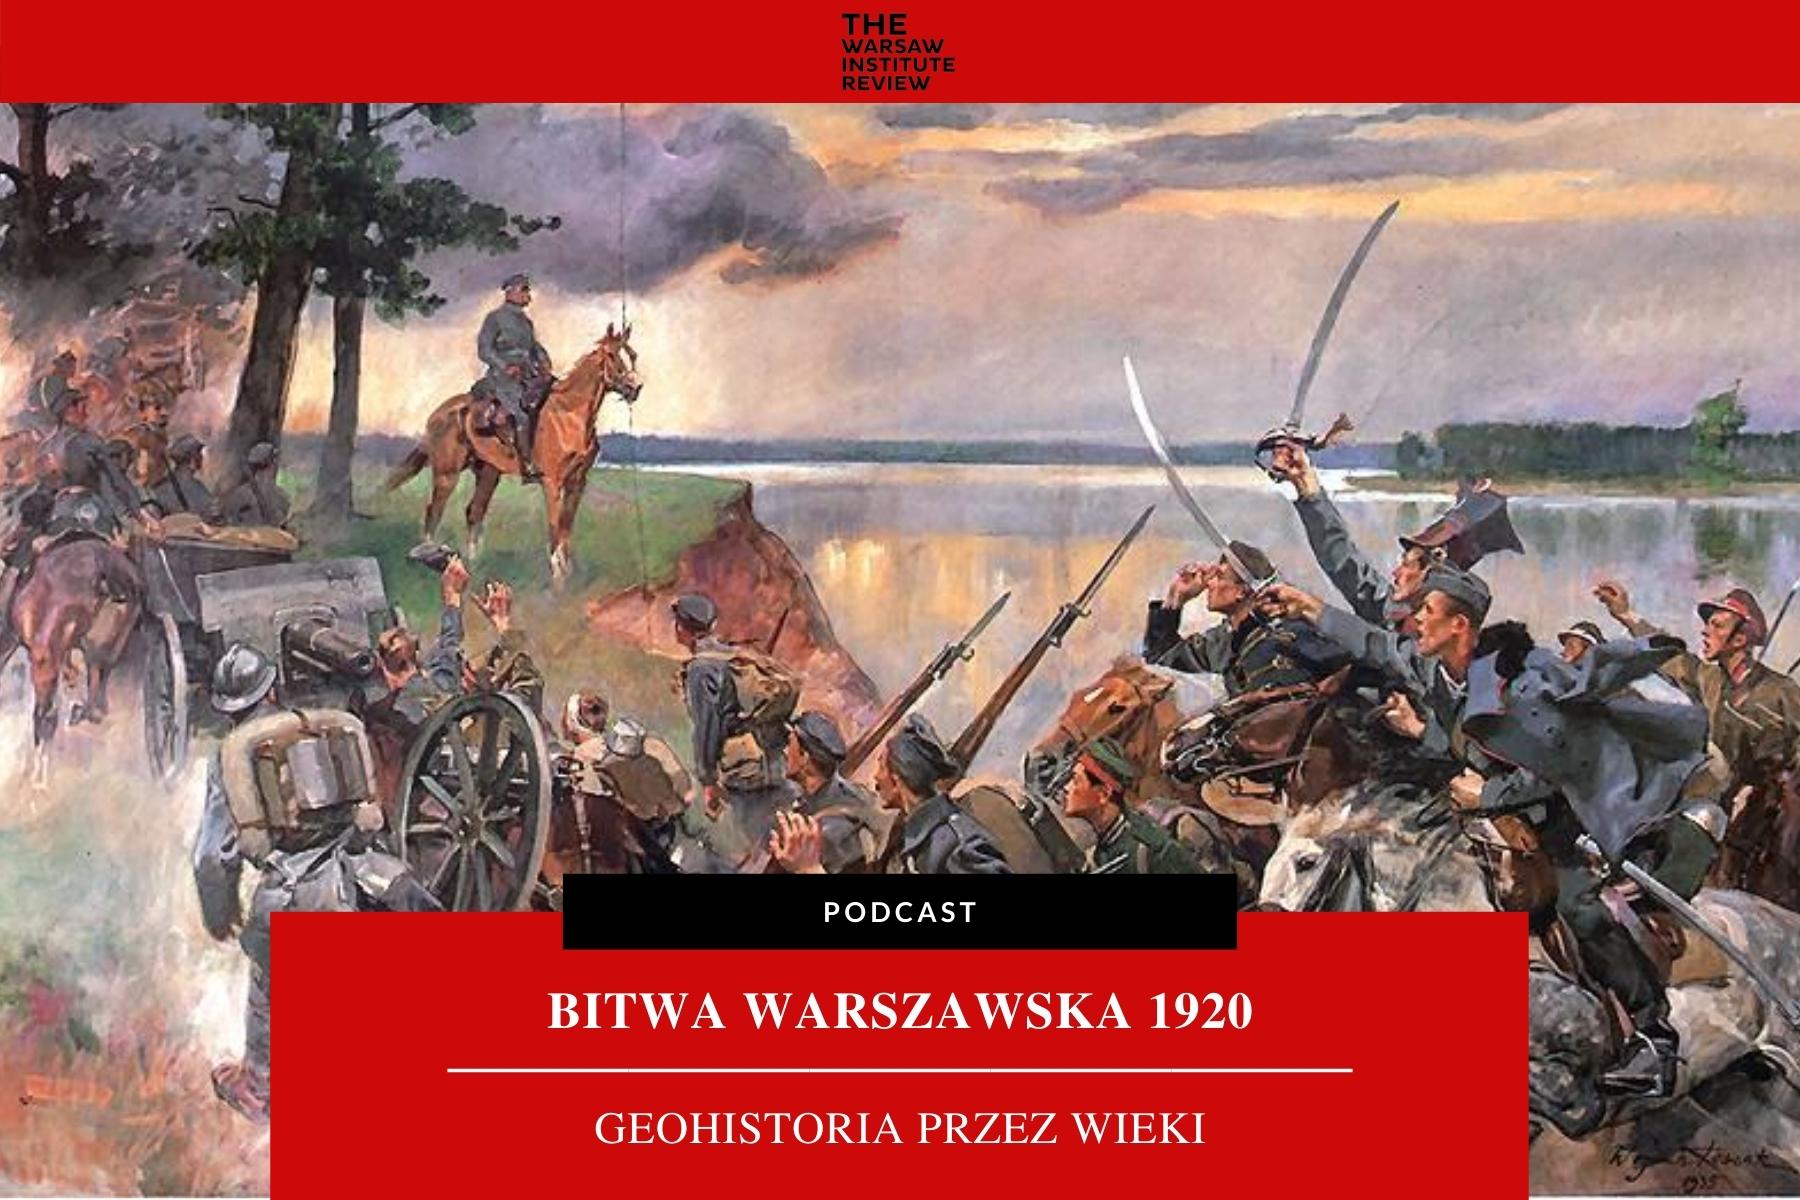 Podcast Geohistoria Przez Wieki: Bitwa Warszawska 1920